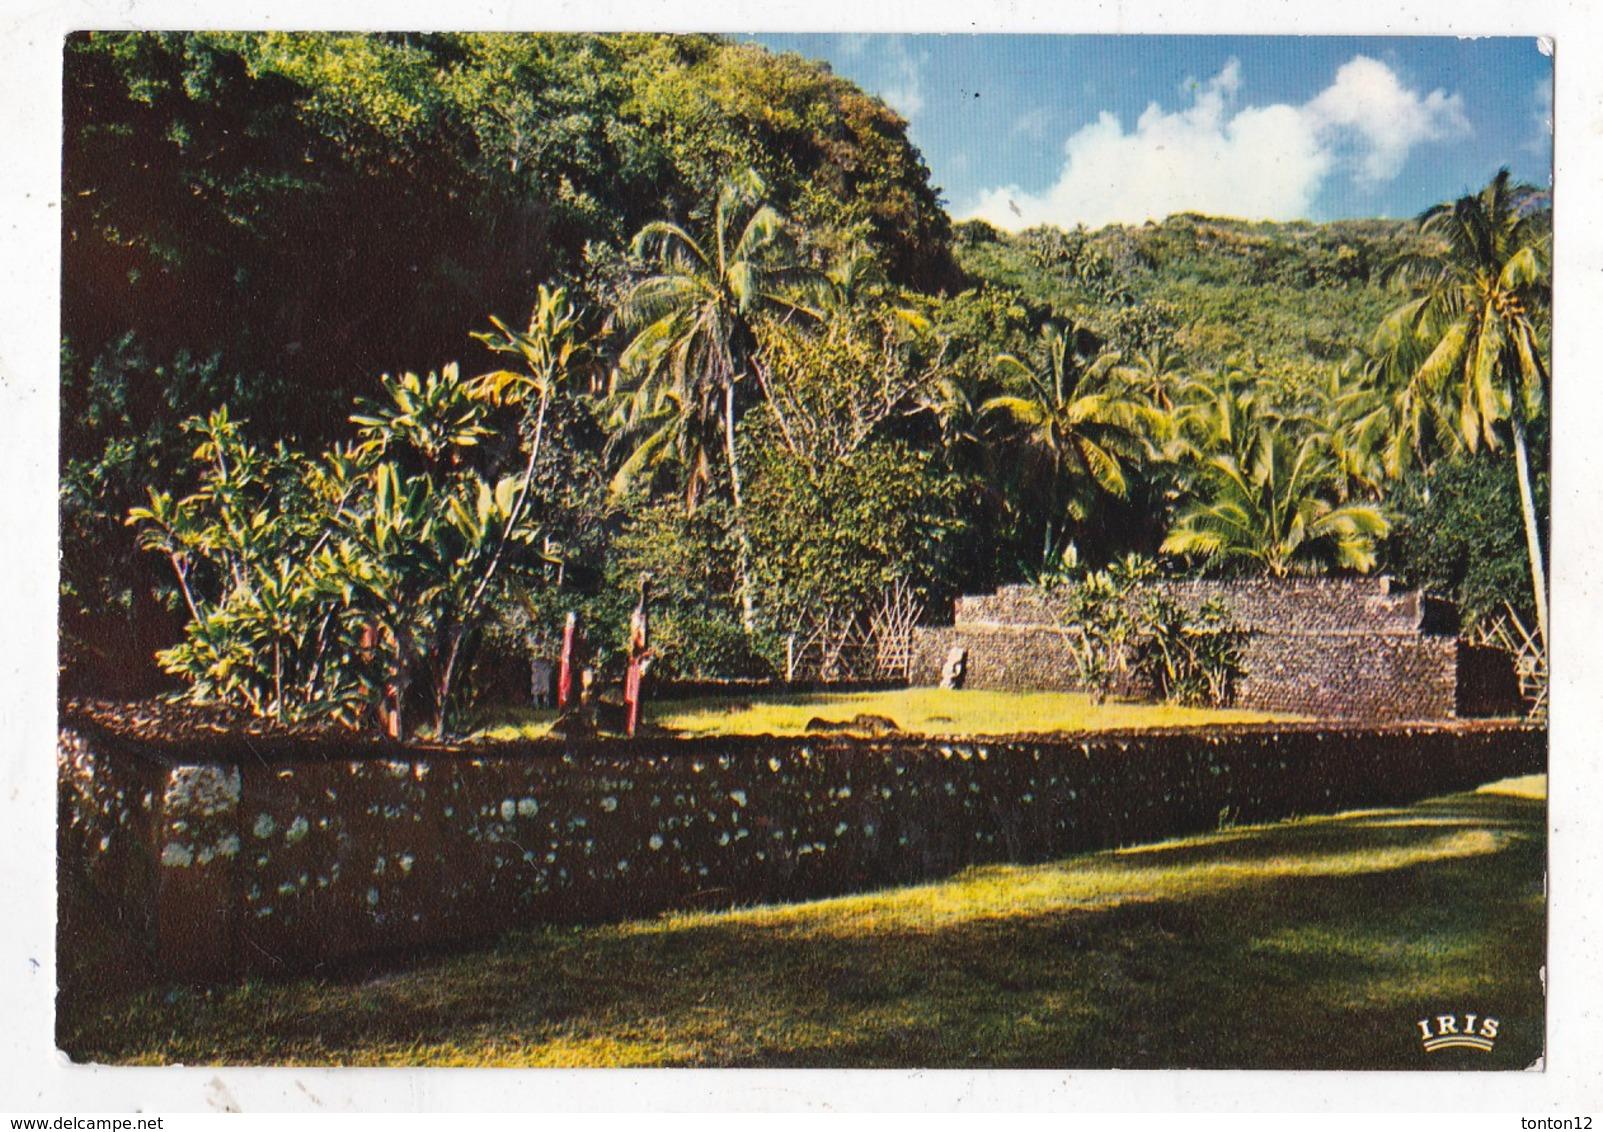 Carte Postale Tahiti Le Marché D' Arahurahu - Polynésie Française